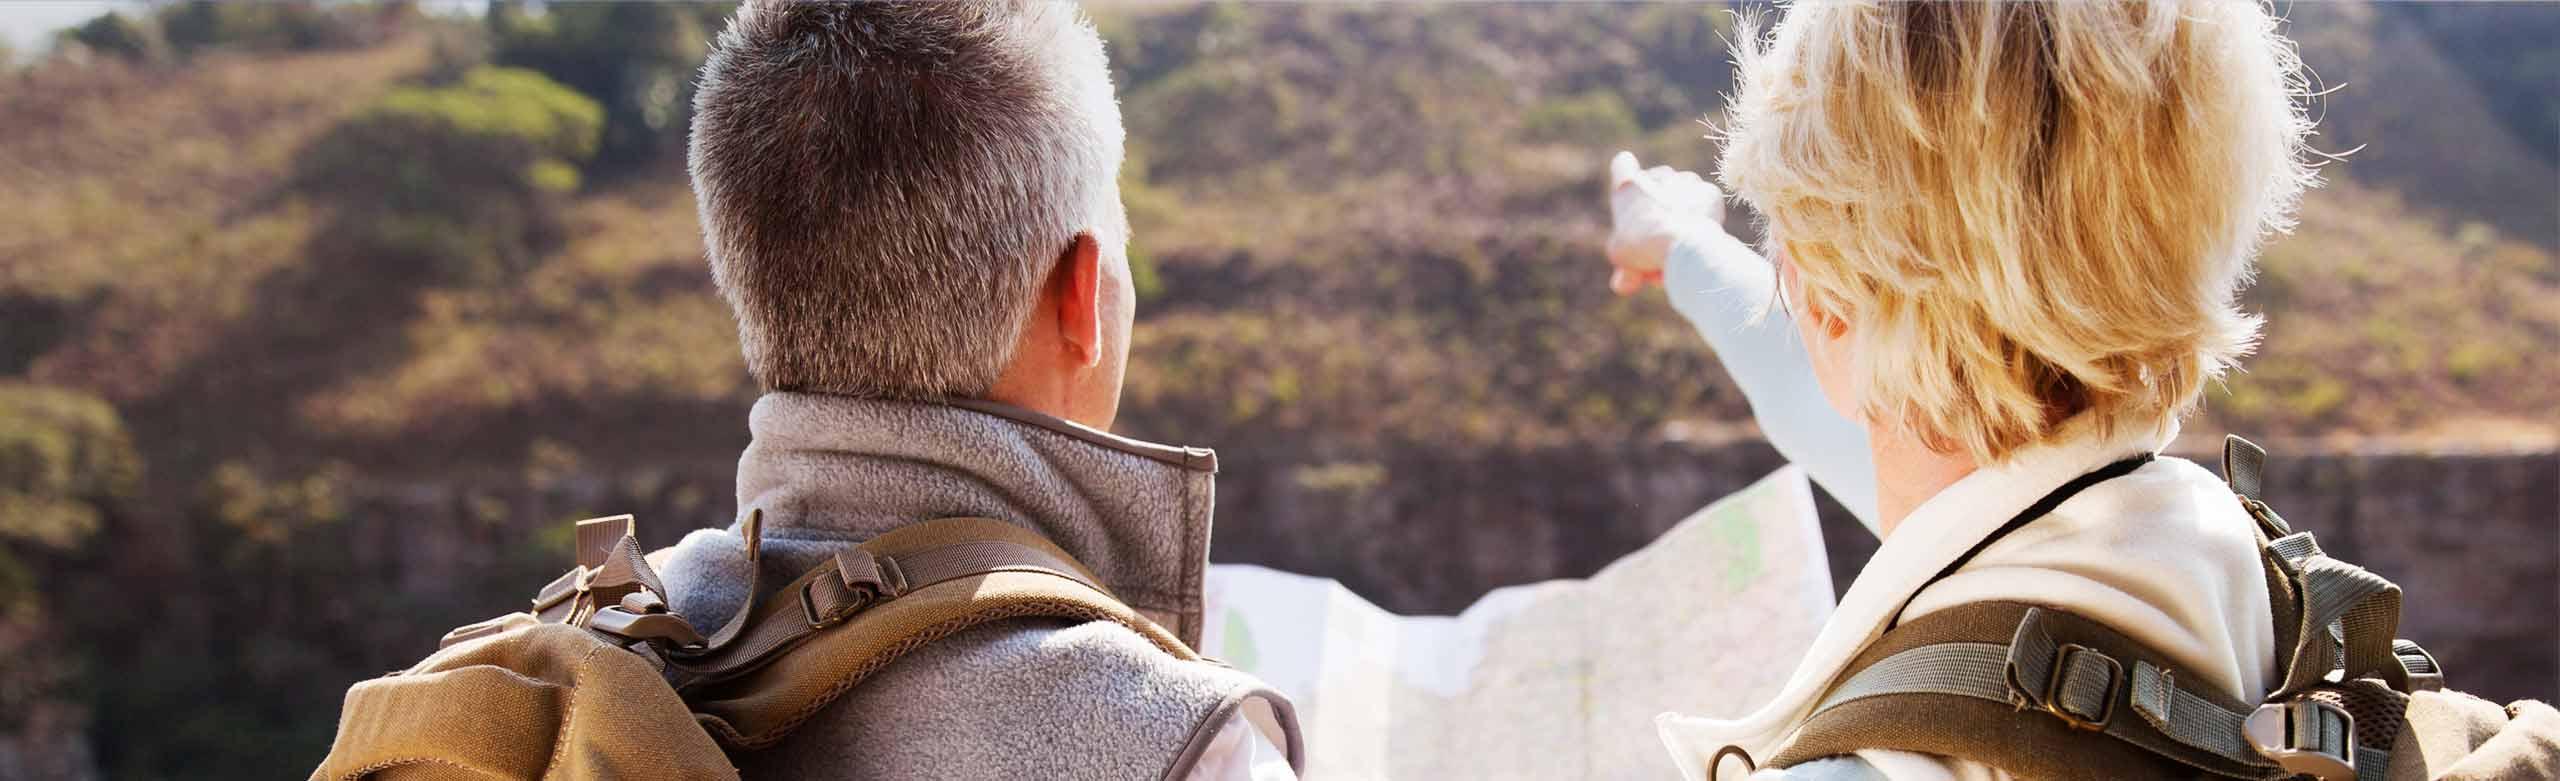 Casal olhando um mapa